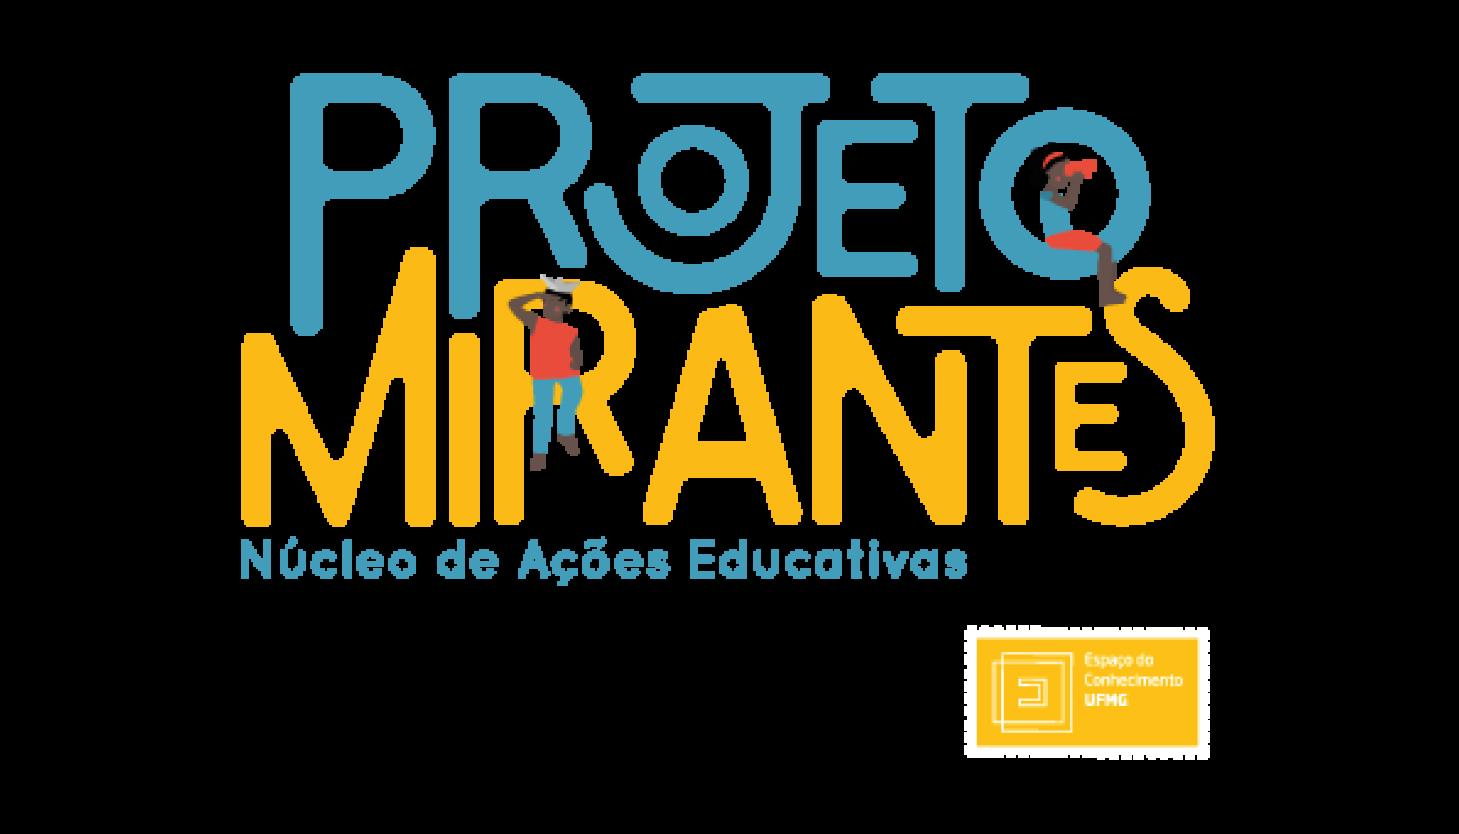 Projeto Mirantes - Núcleo de Ações Educativas do Espaço do Conhecimento UFMG